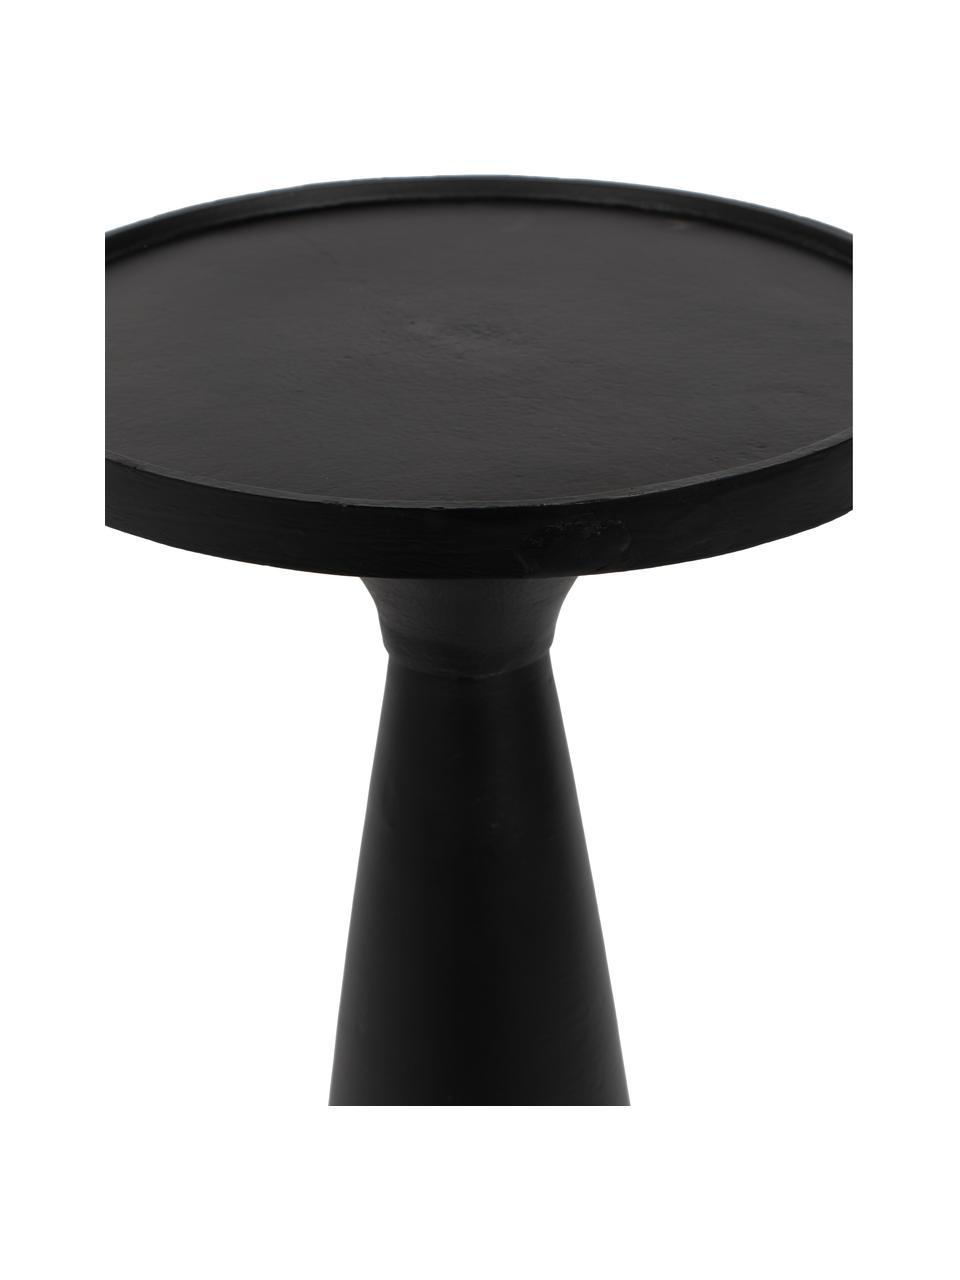 Moderne bijzettafel Floss in zwart, Gepoedercoat aluminium, Mat zwart, Ø 28 x H 56 cm